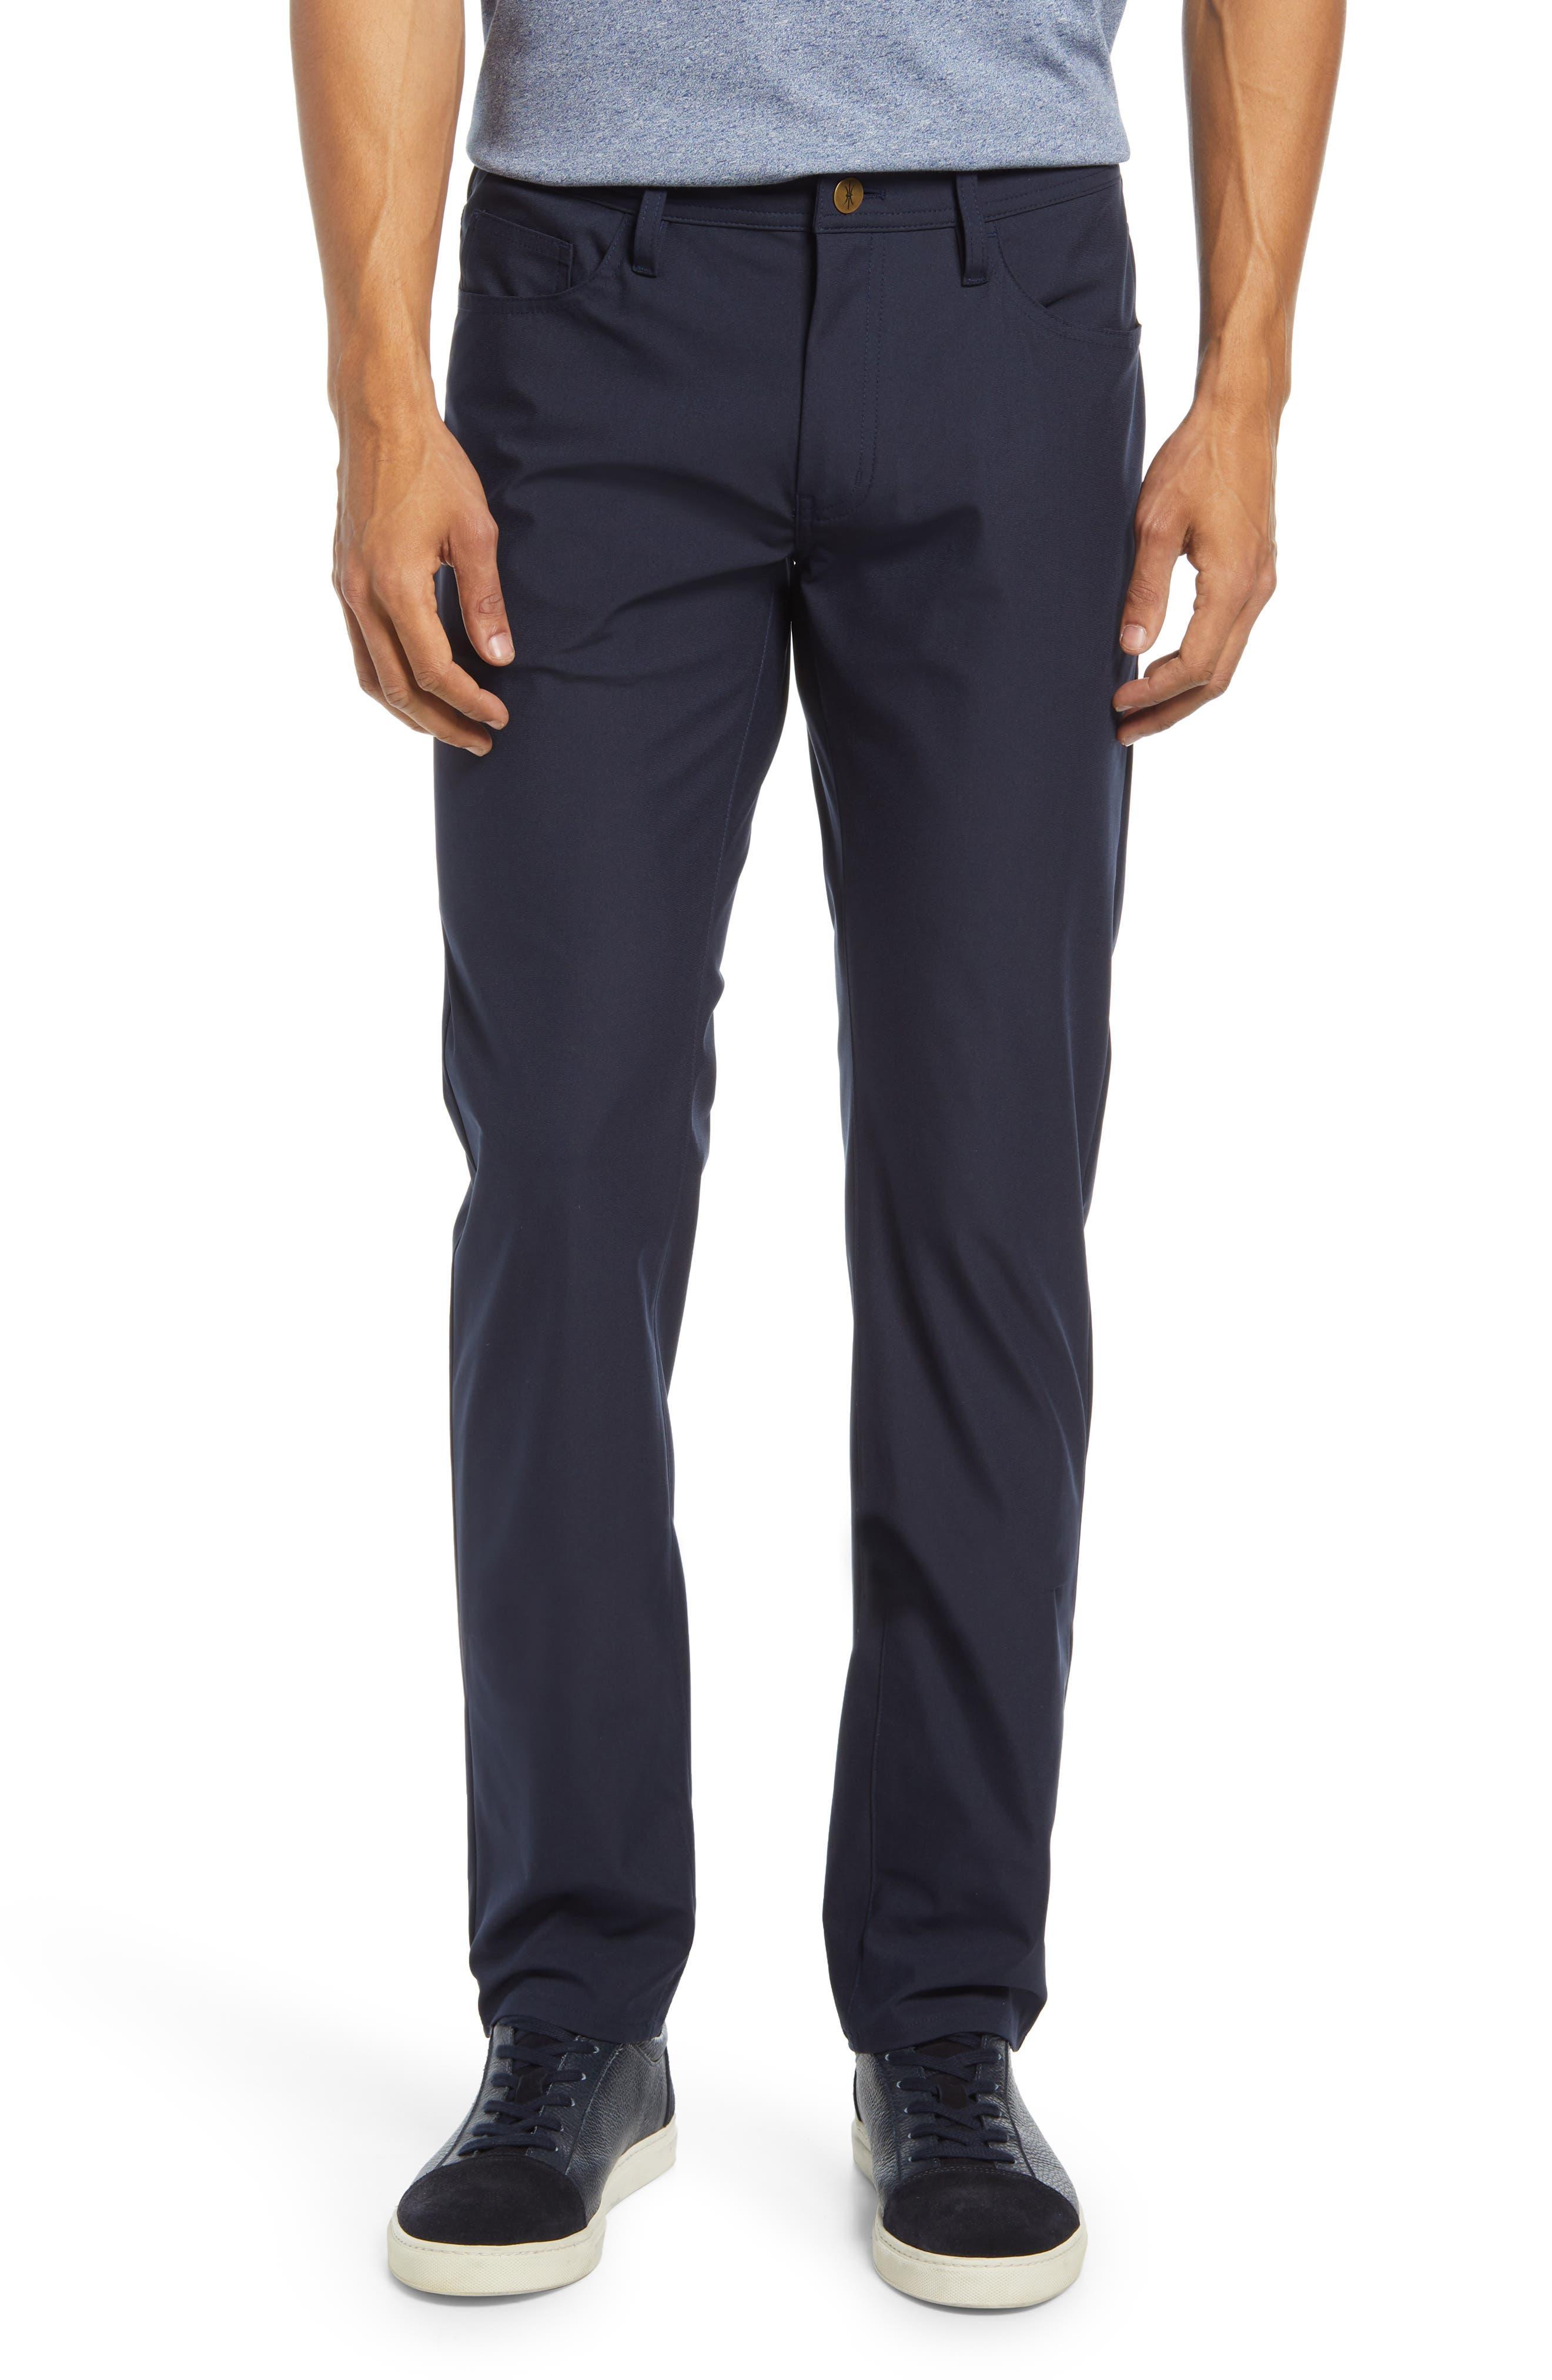 Johnny Traveler Stretch Cotton Five Pocket Pants